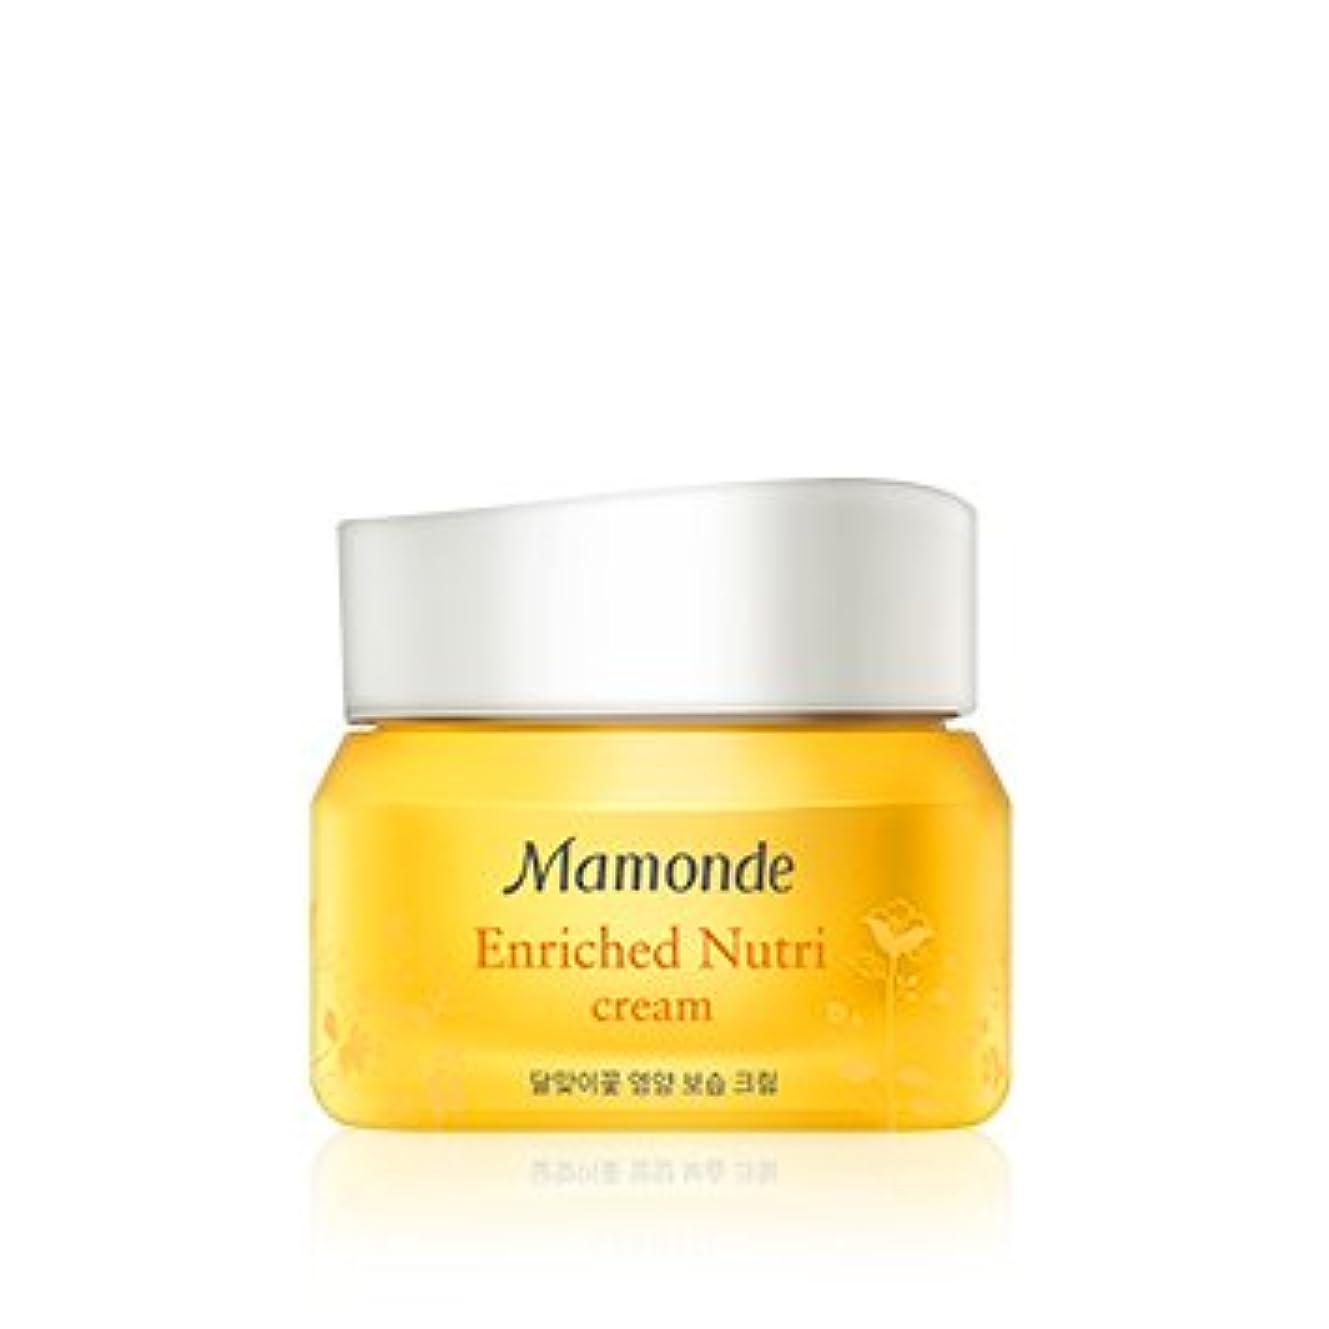 バクテリアバイオリニスト用量[New] Mamonde Enriched Nutri Cream 50ml/マモンド エンリッチド ニュートリ クリーム 50ml [並行輸入品]